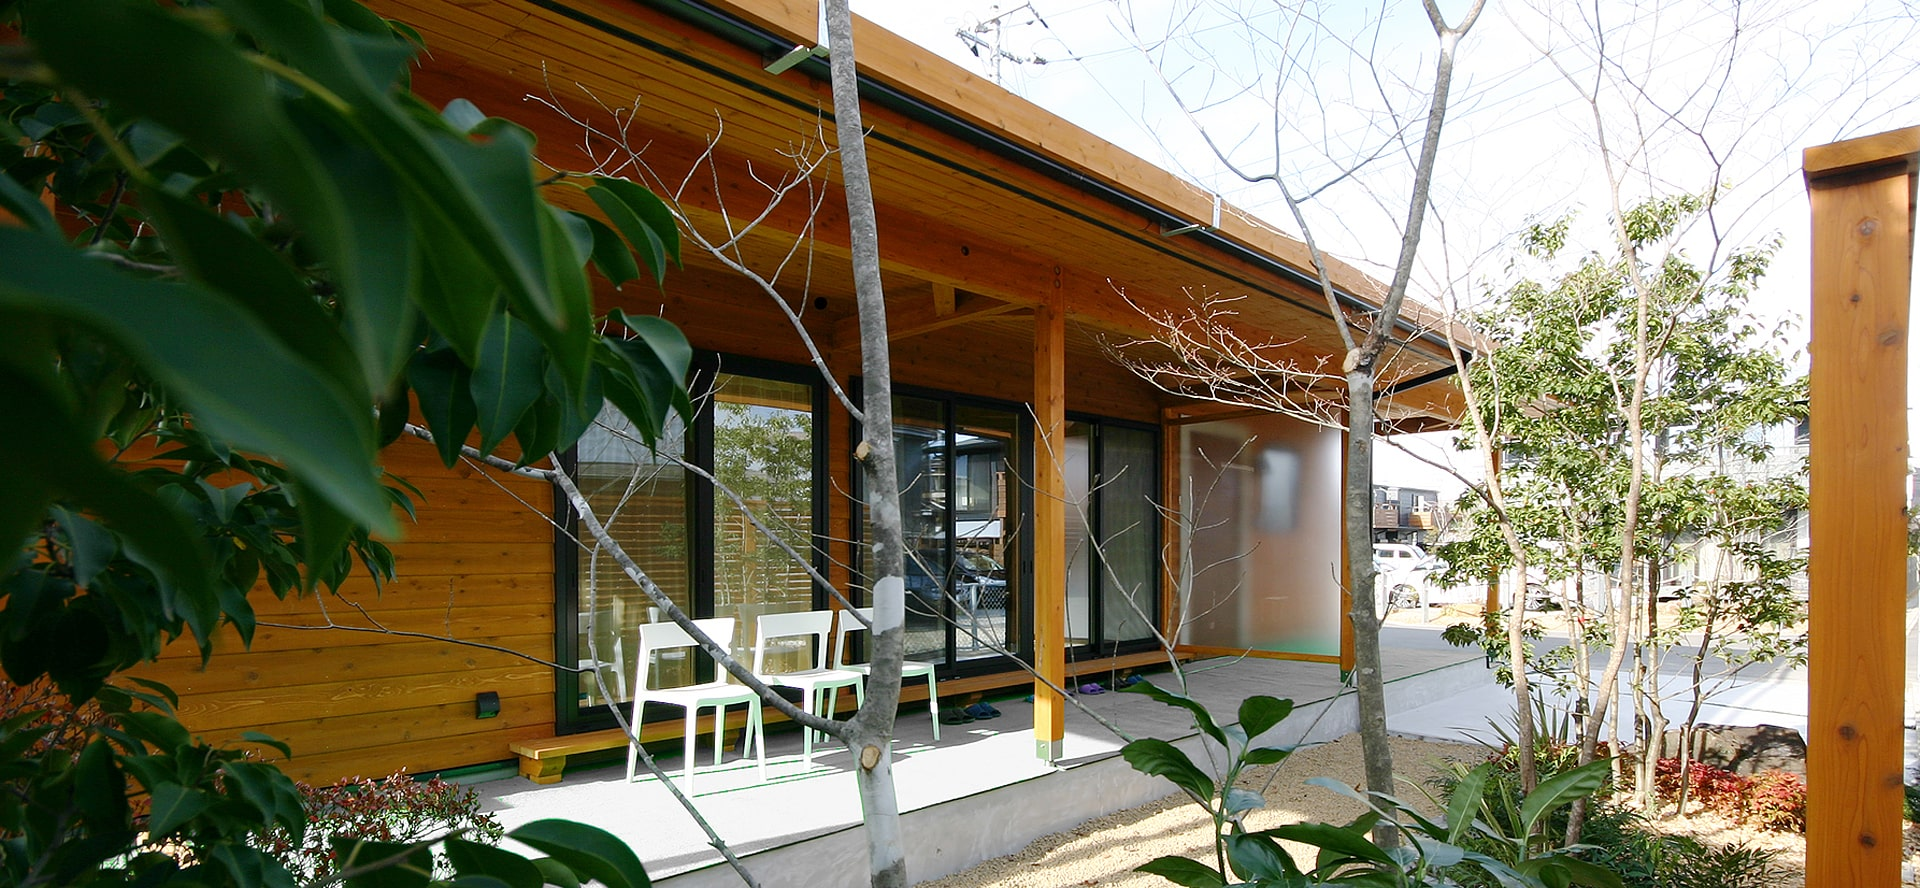 宇都宮市で注文住宅をお考えならネクストハウスデザイン